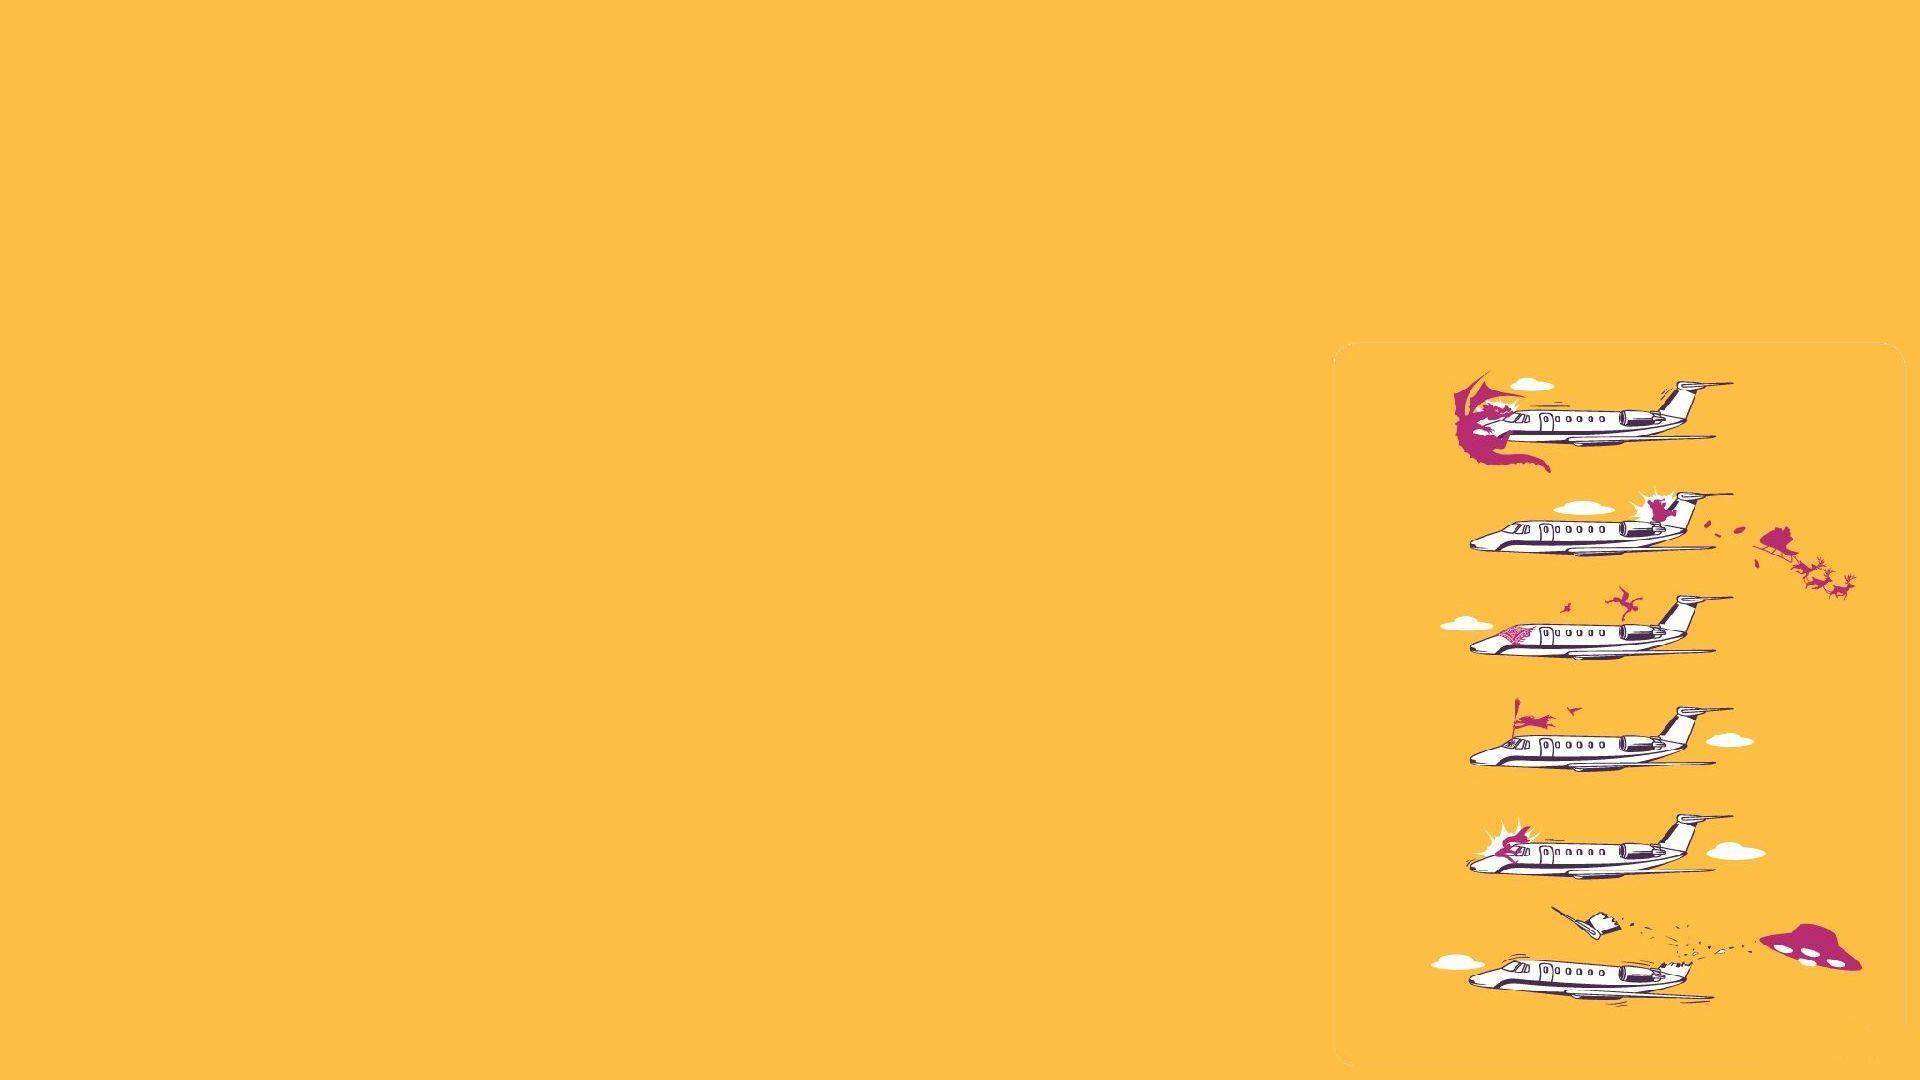 Orange Minimalist Wallpapers - Top Free Orange Minimalist ...